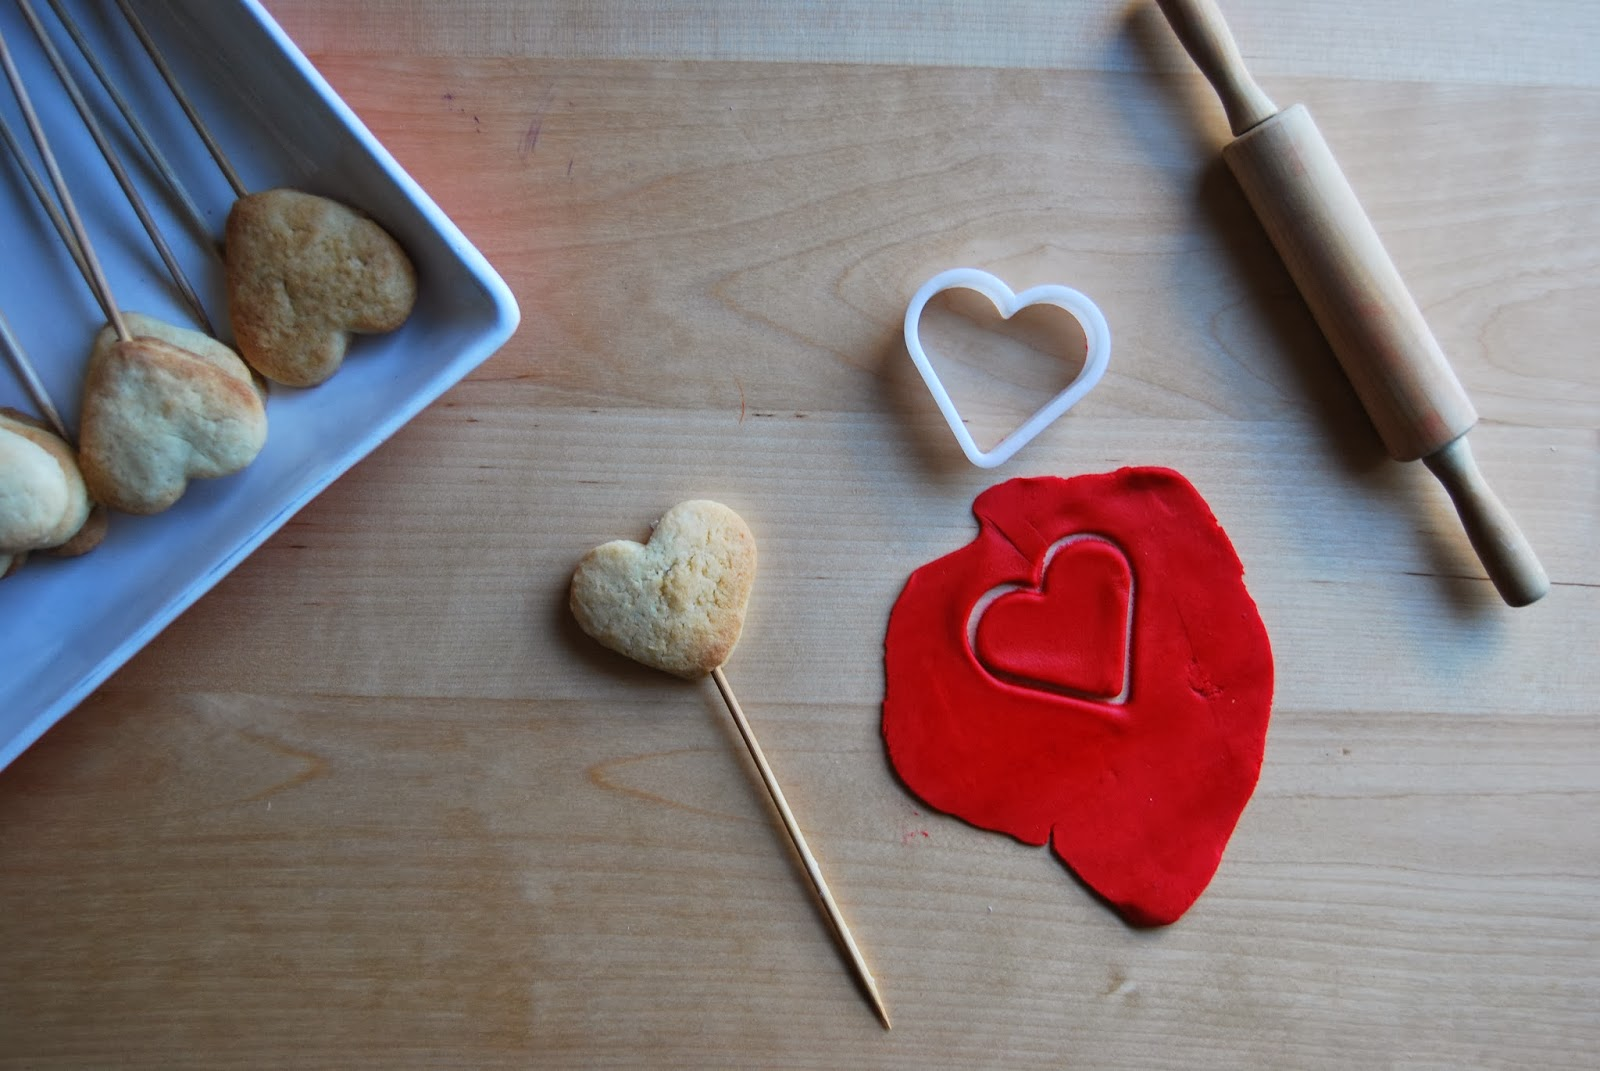 http://sosunnyblog.blogspot.com.es/2014/01/galletas-san-valentin-fondant-y.html